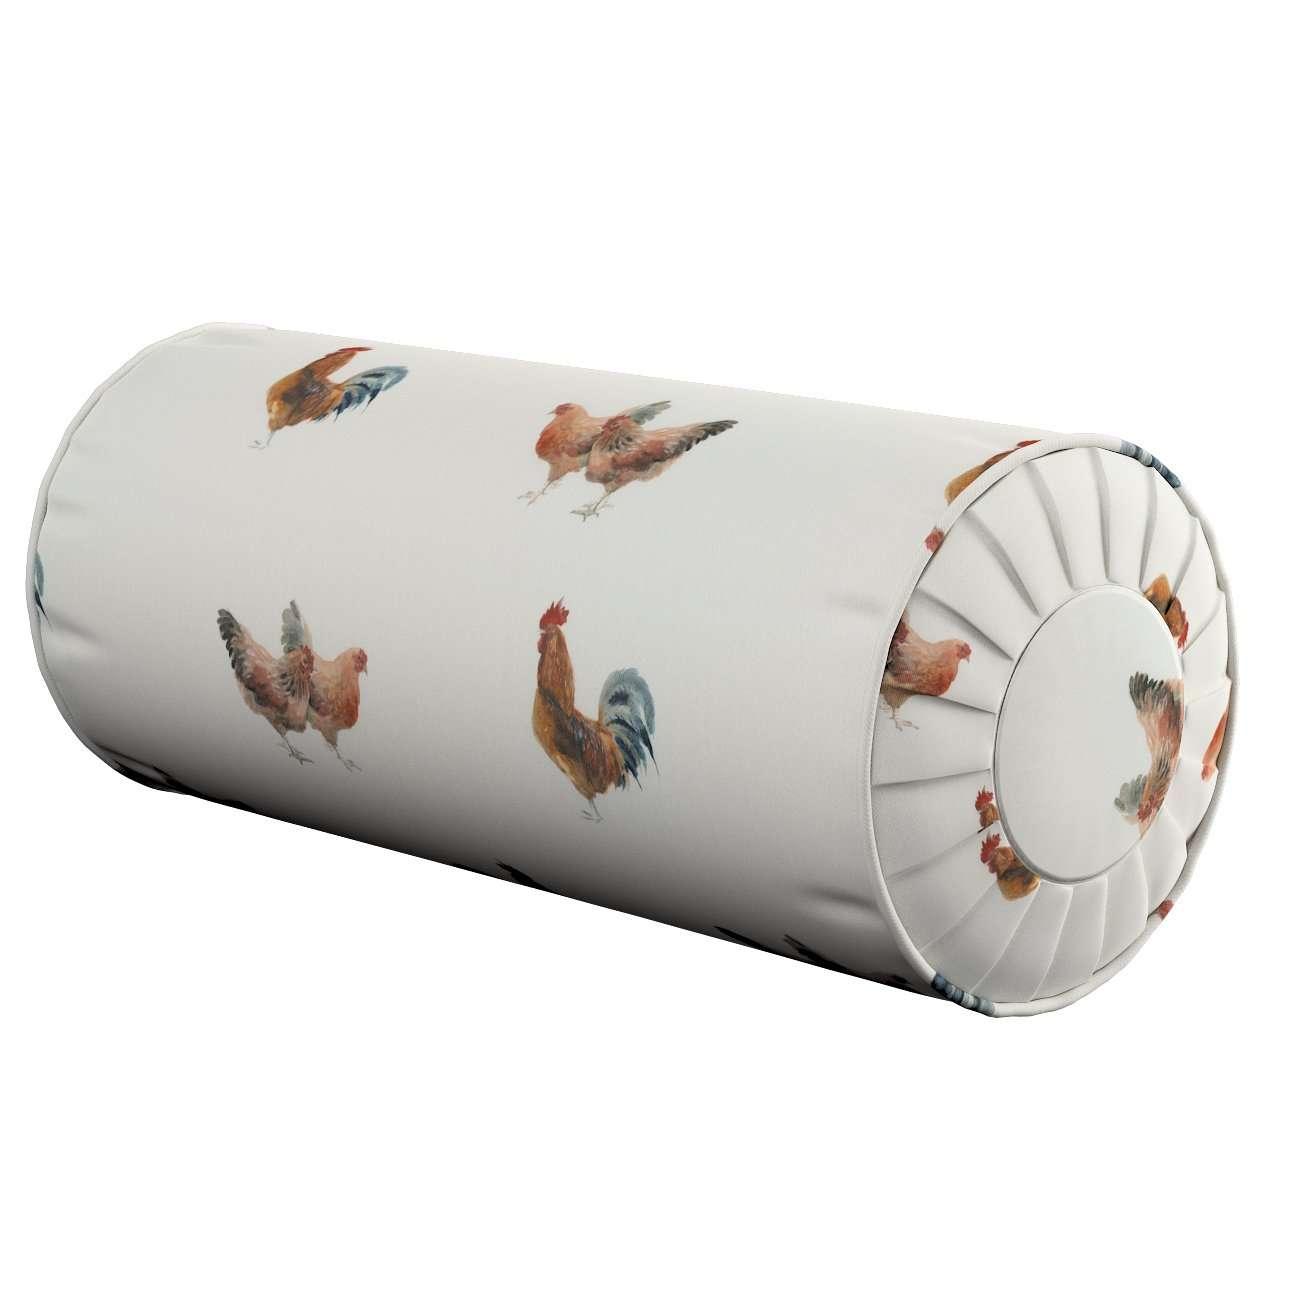 Nackenrolle mit Falten, braun-creme, Ø 20 × 50 cm, Flowers | Schlafzimmer > Kopfkissen | Dekoria